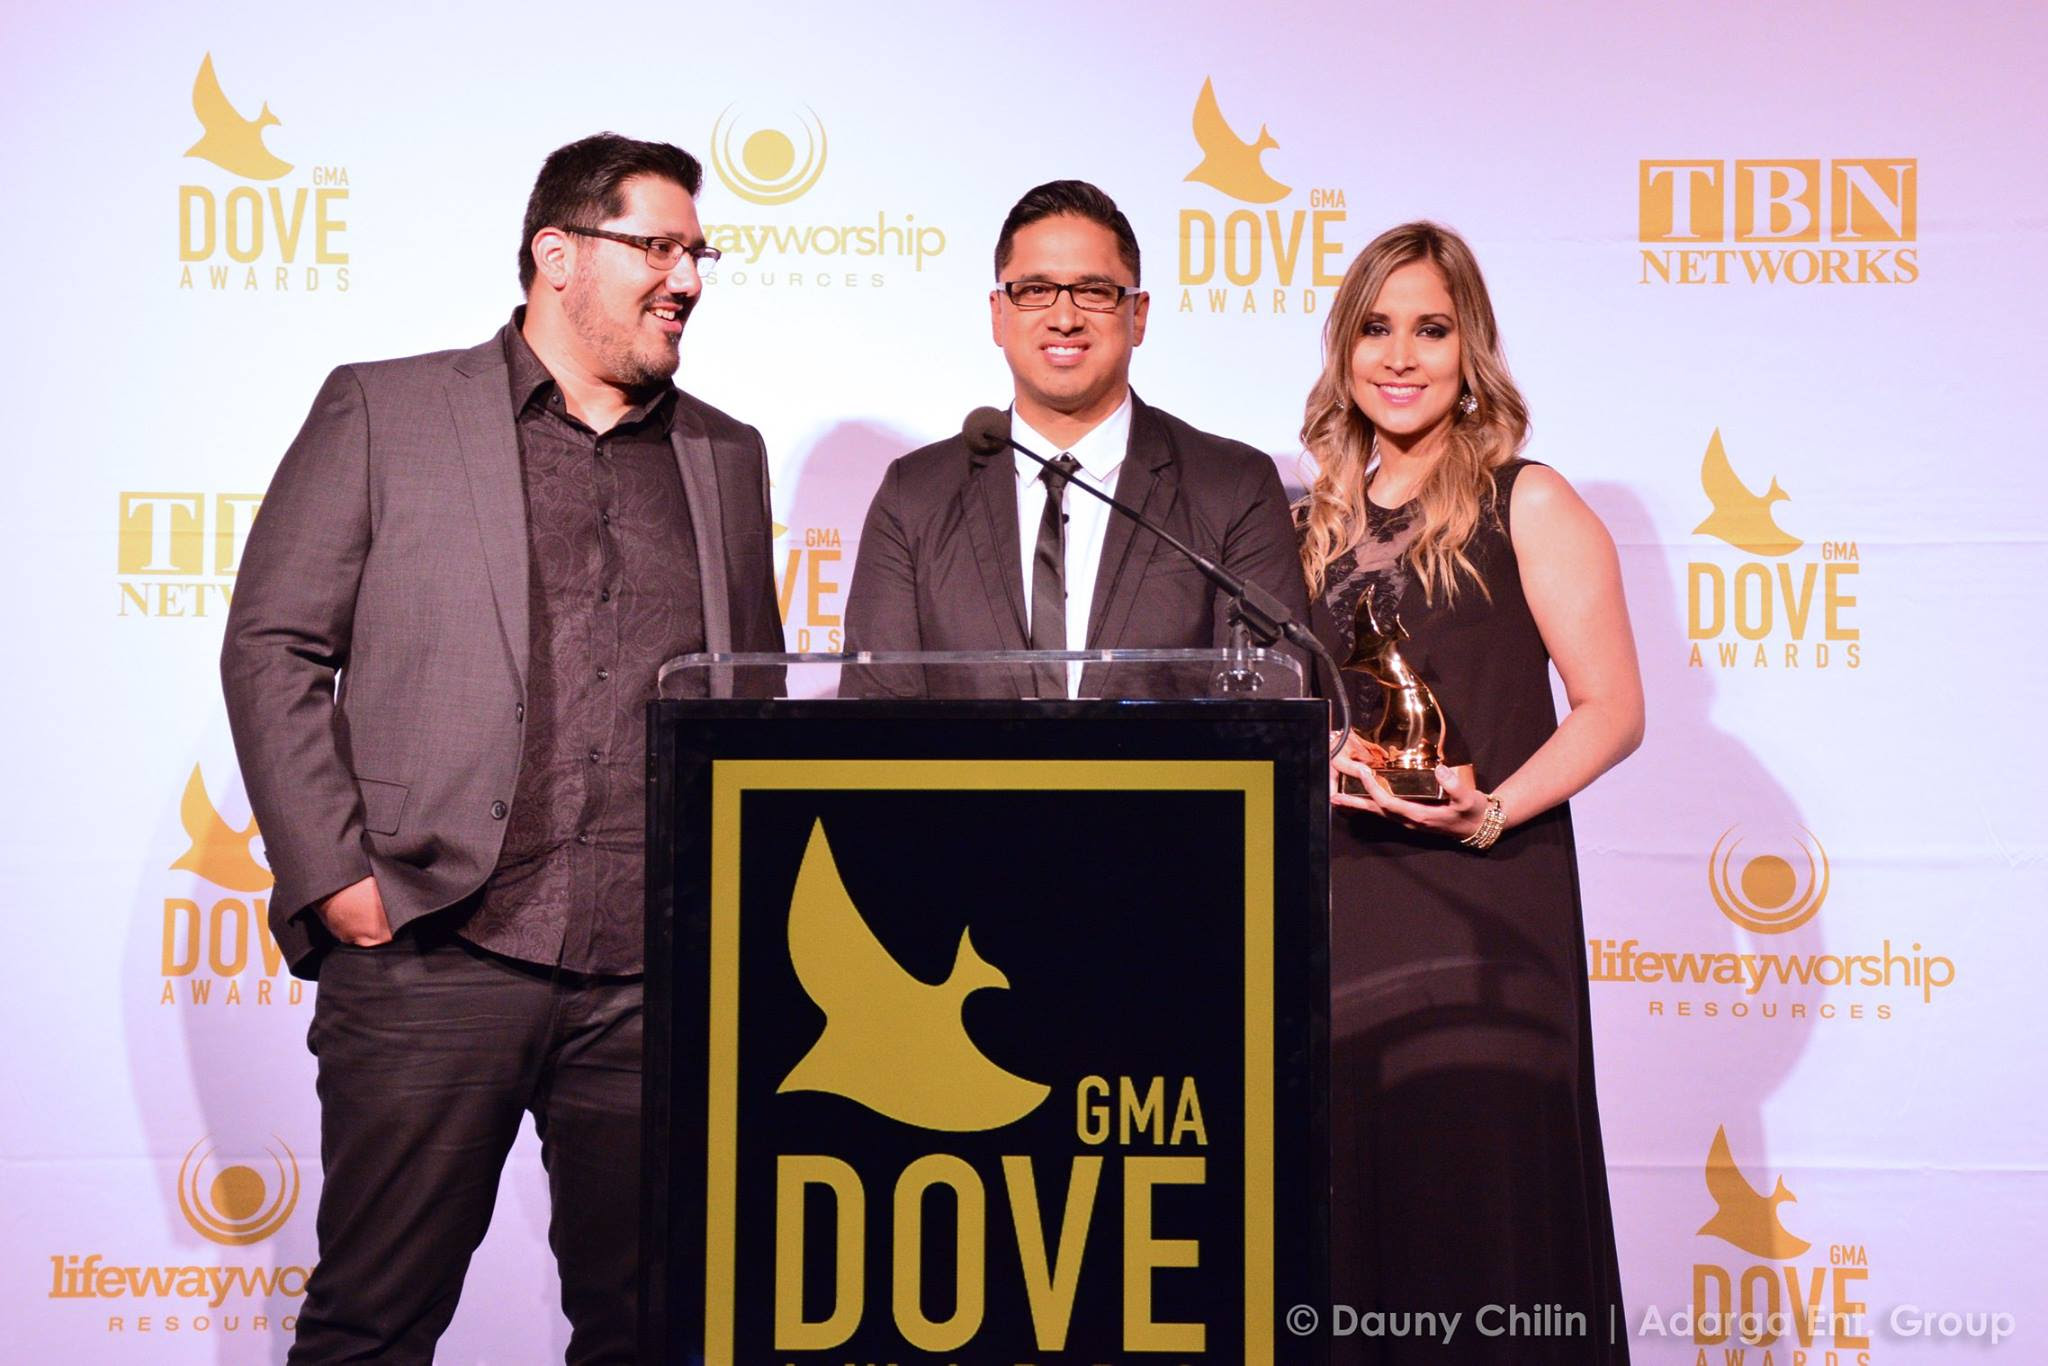 Miel San Marcos recibe el Dove Award otorgado por la Asociacion de Musica Gospel Music Association